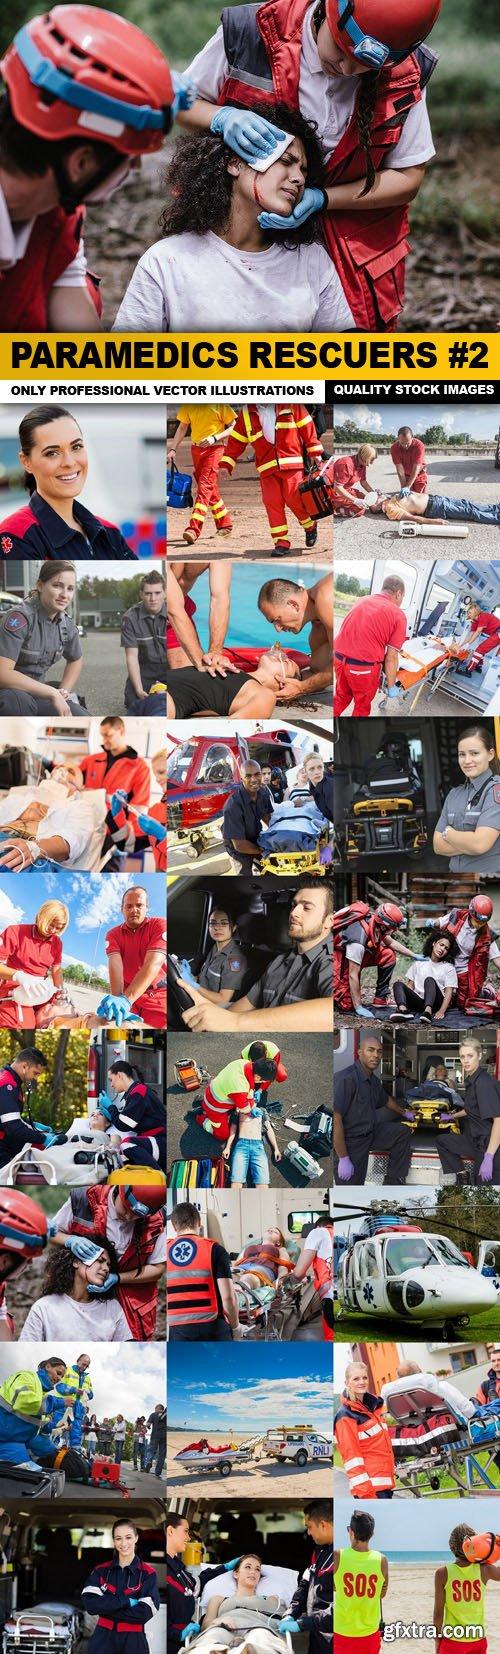 Paramedics Rescuers #2 - 25 HQ Images